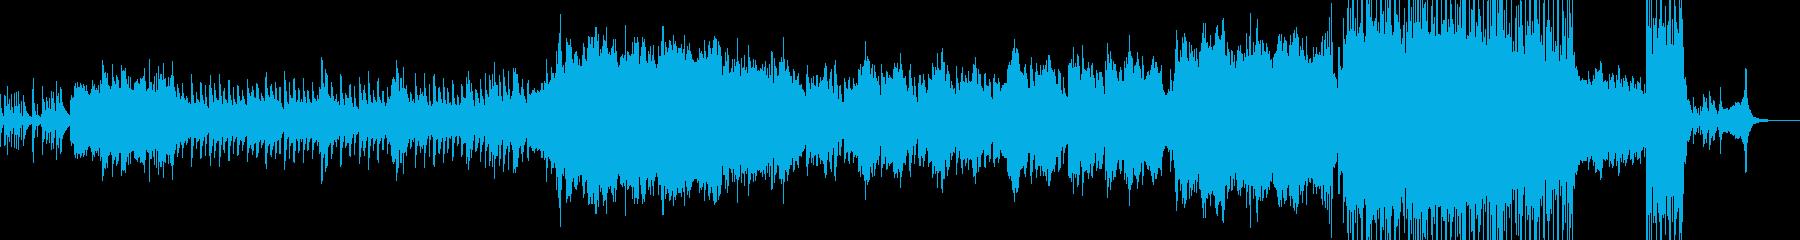 2人が結ばれる時・劇的なラストへ A2の再生済みの波形